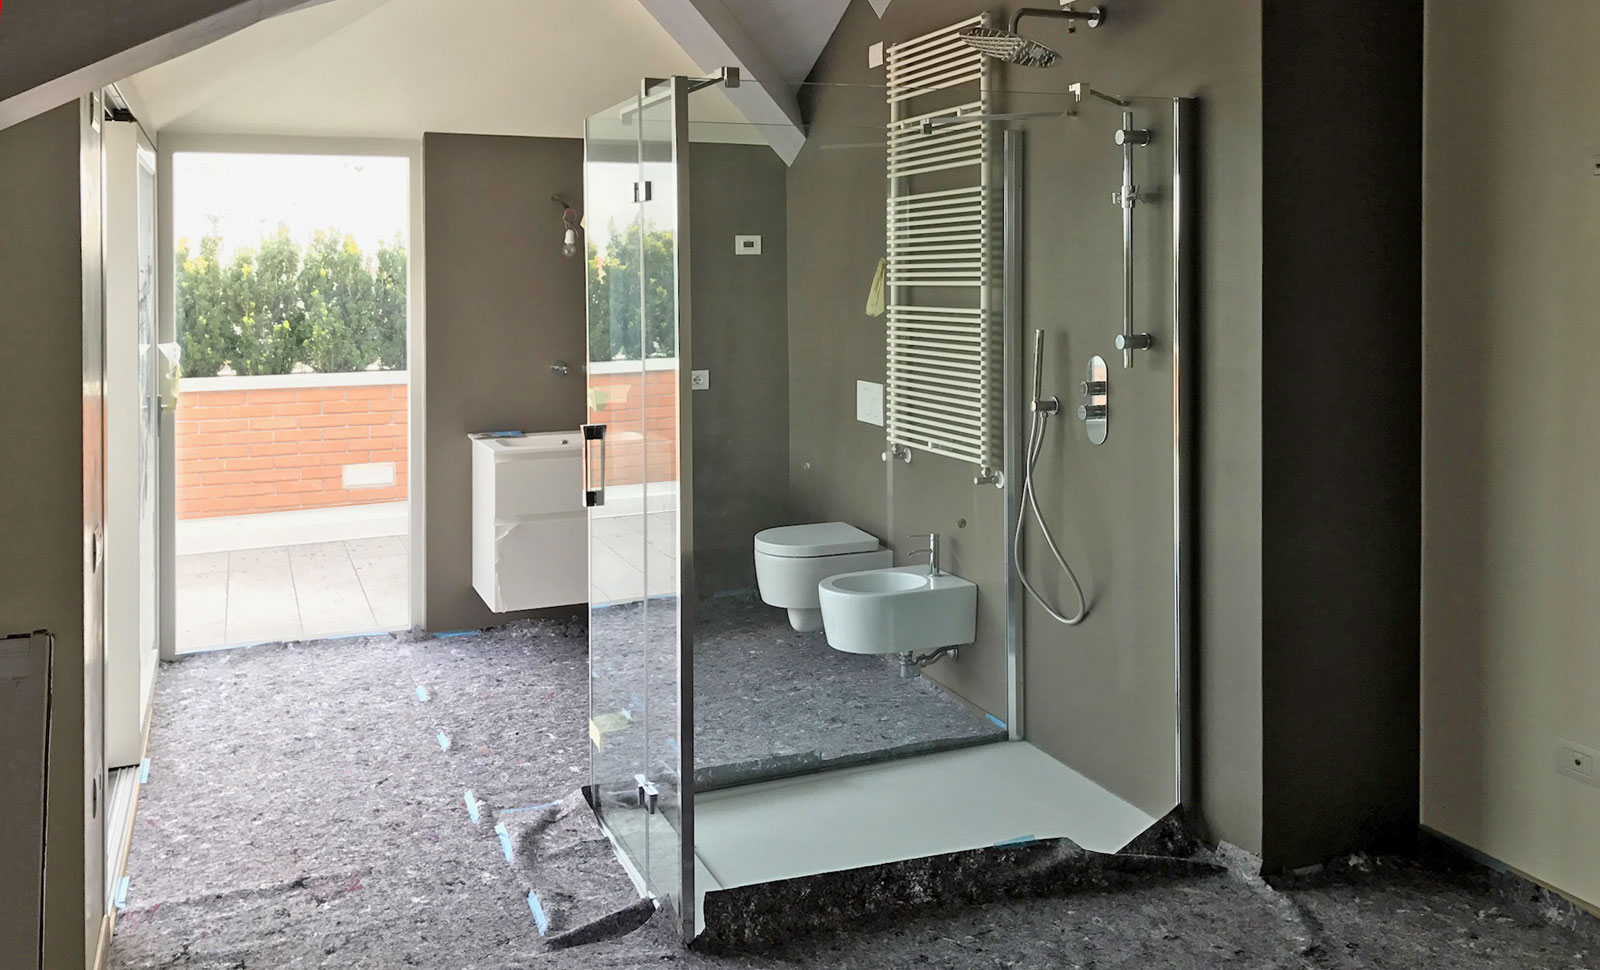 Detrazione Tinteggiatura Interna 2016 ristrutturare il bagno nel 2018 conviene, grazie al bonus bagno